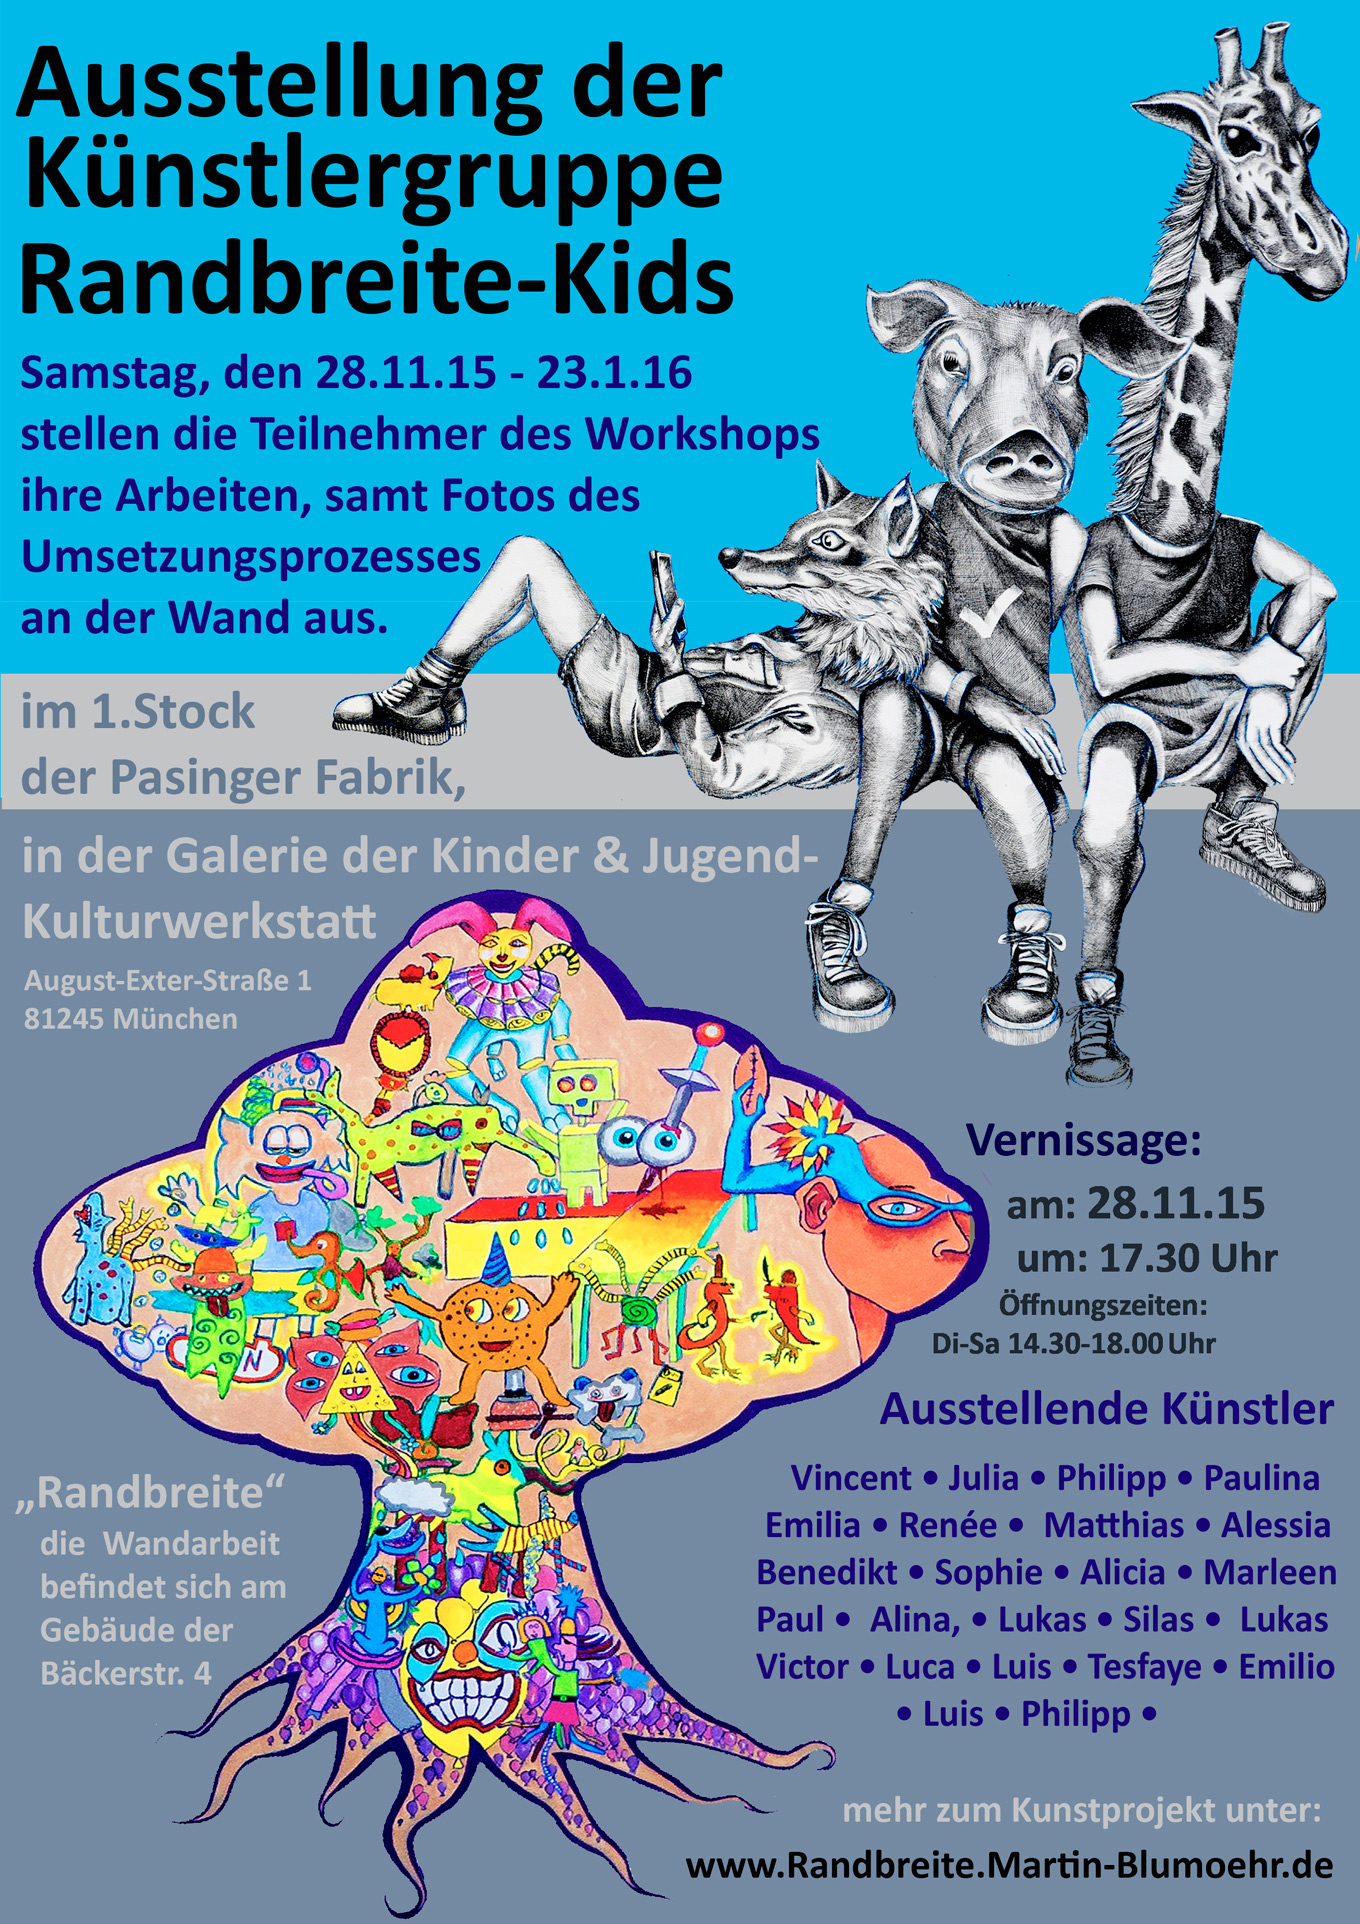 Künstlergruppe-Randbreite-Kids